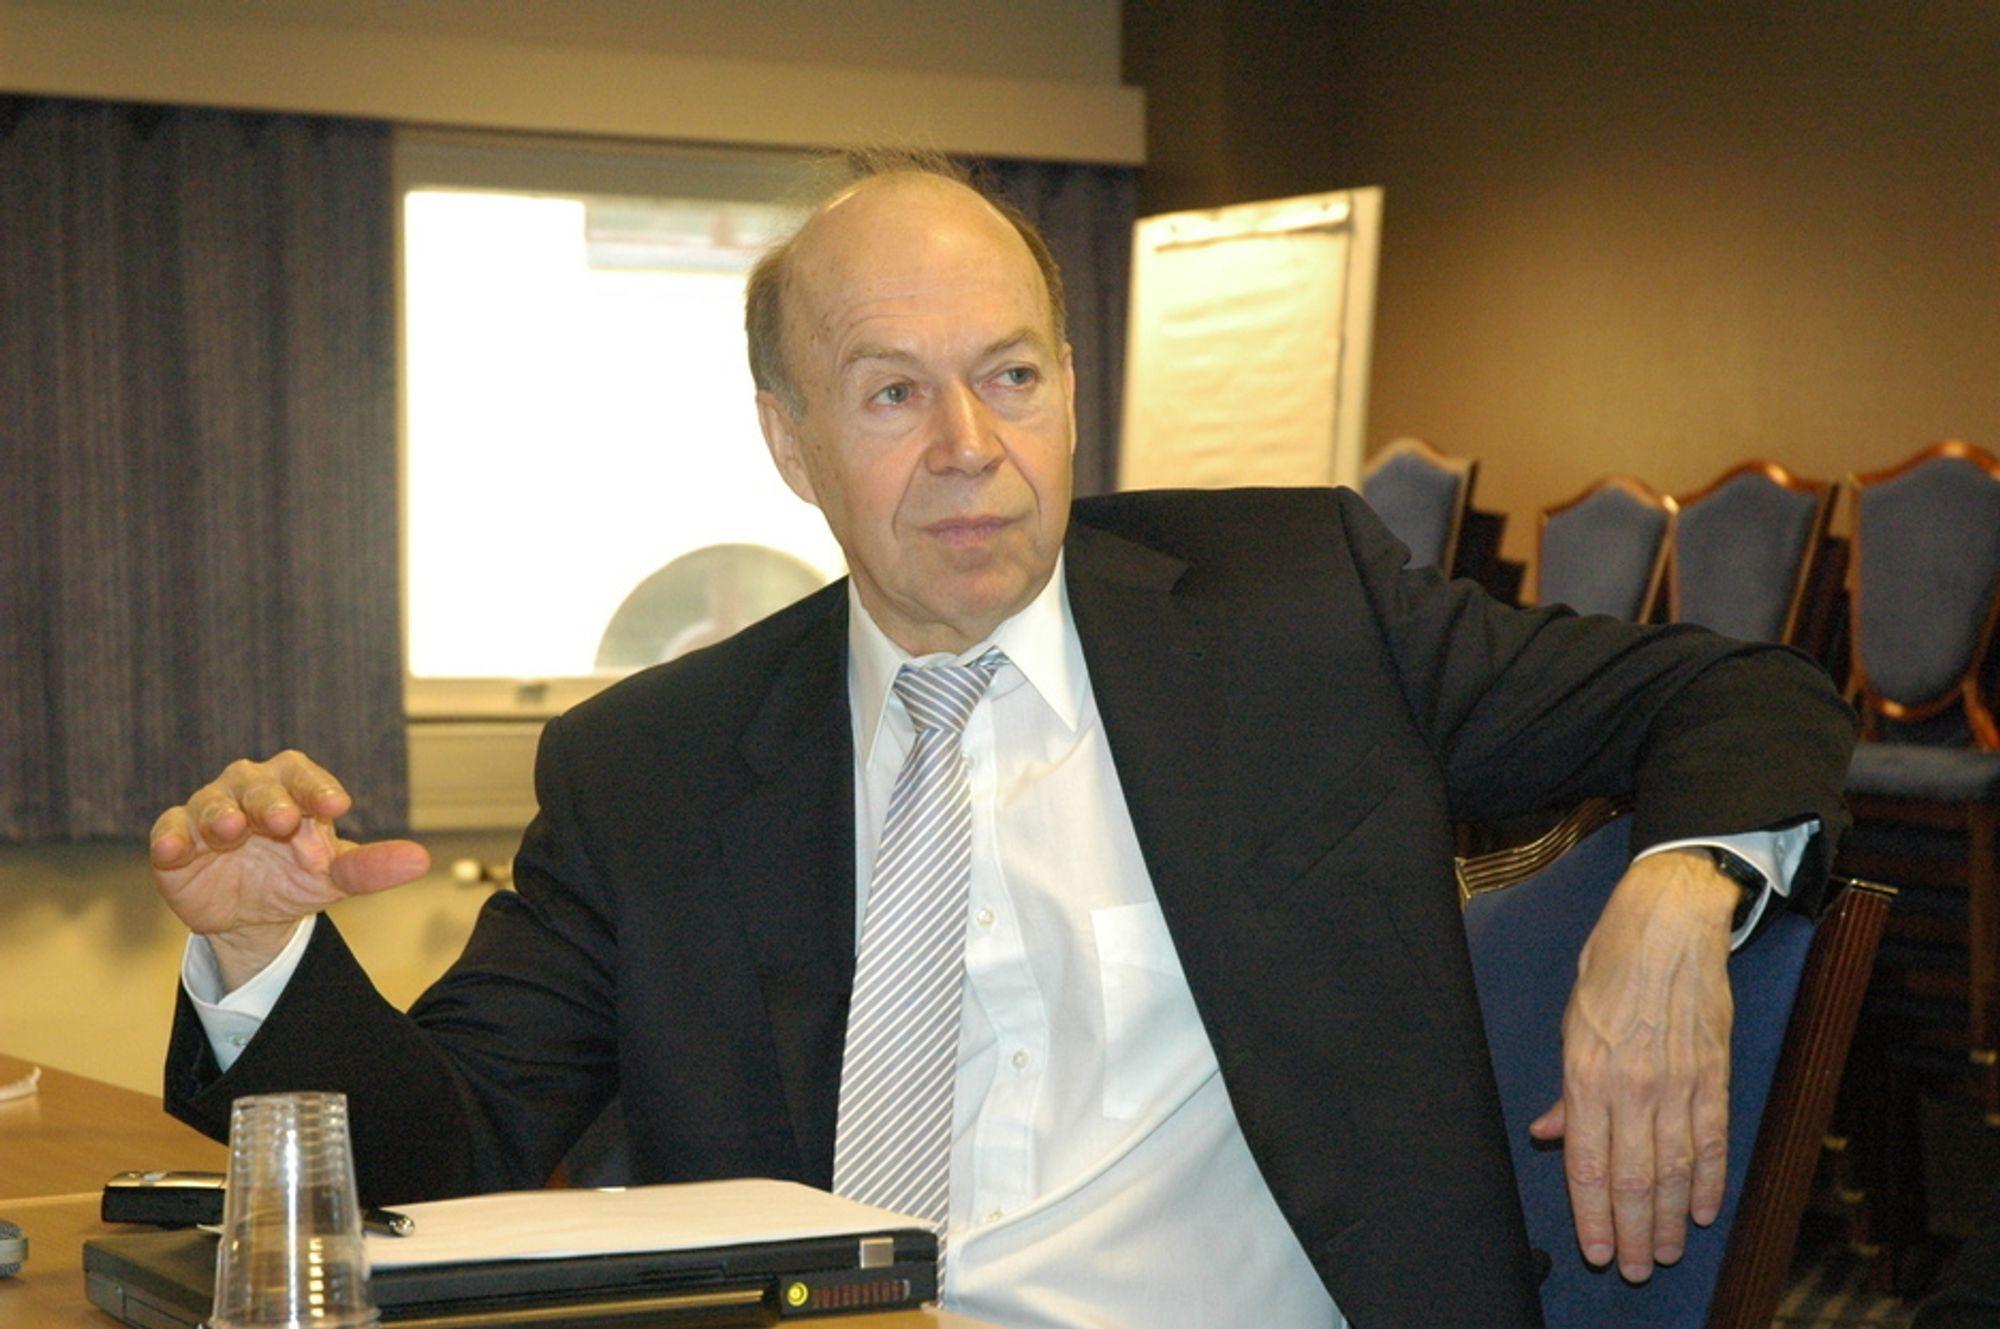 Sofieprisvinner og klimaforsker James E. Hansen er sterkt skeptisk til norsk klimapolitikk.